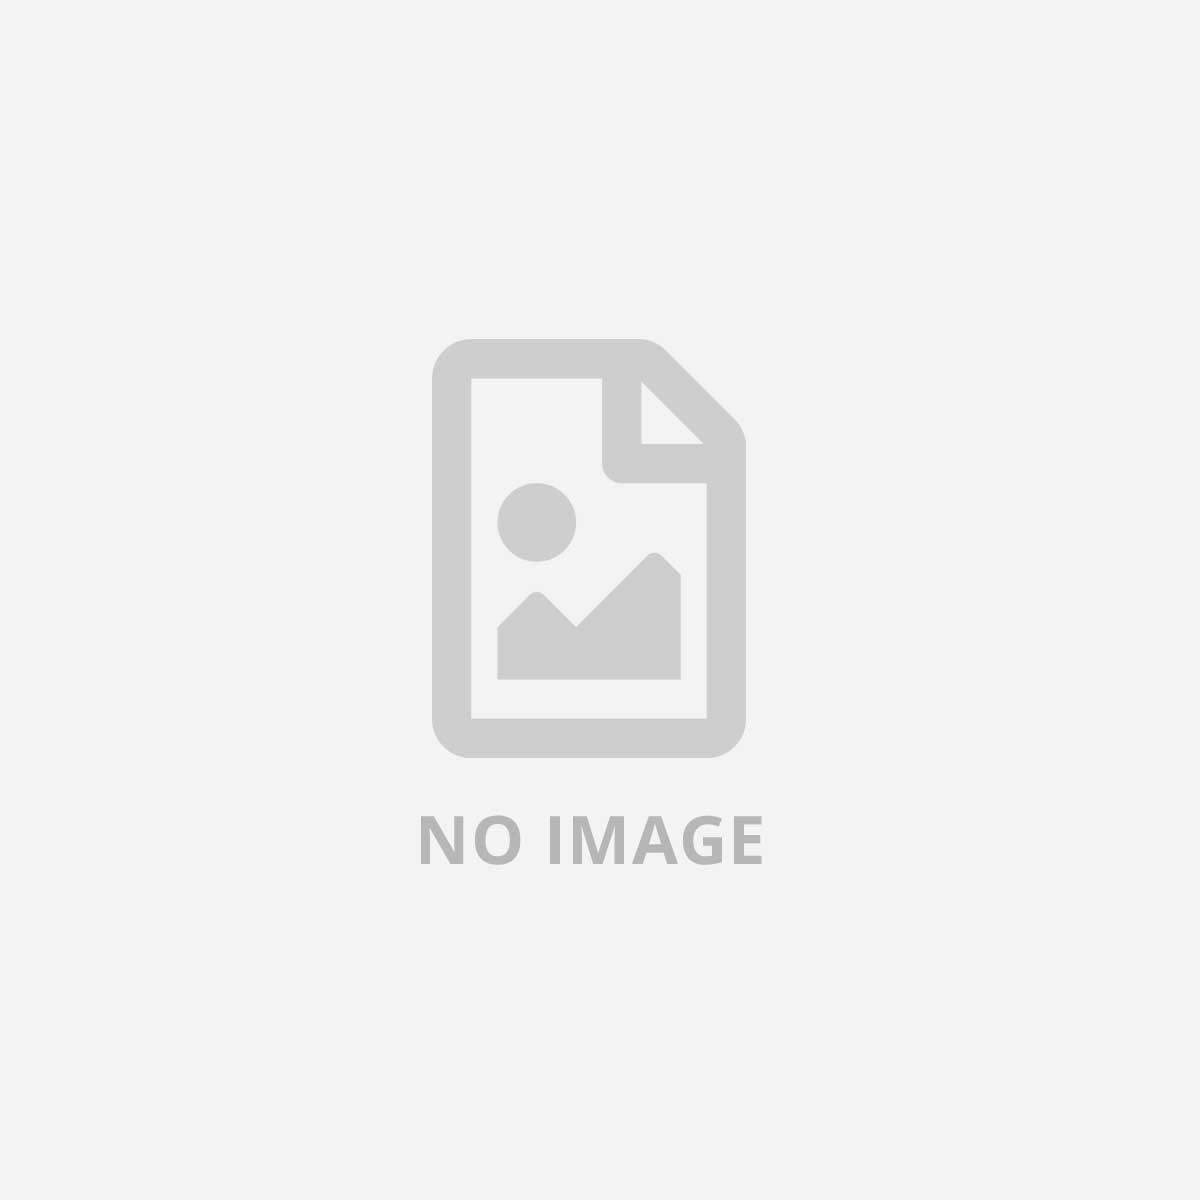 METODO CORNICE A GIORNO A4 CRILEX